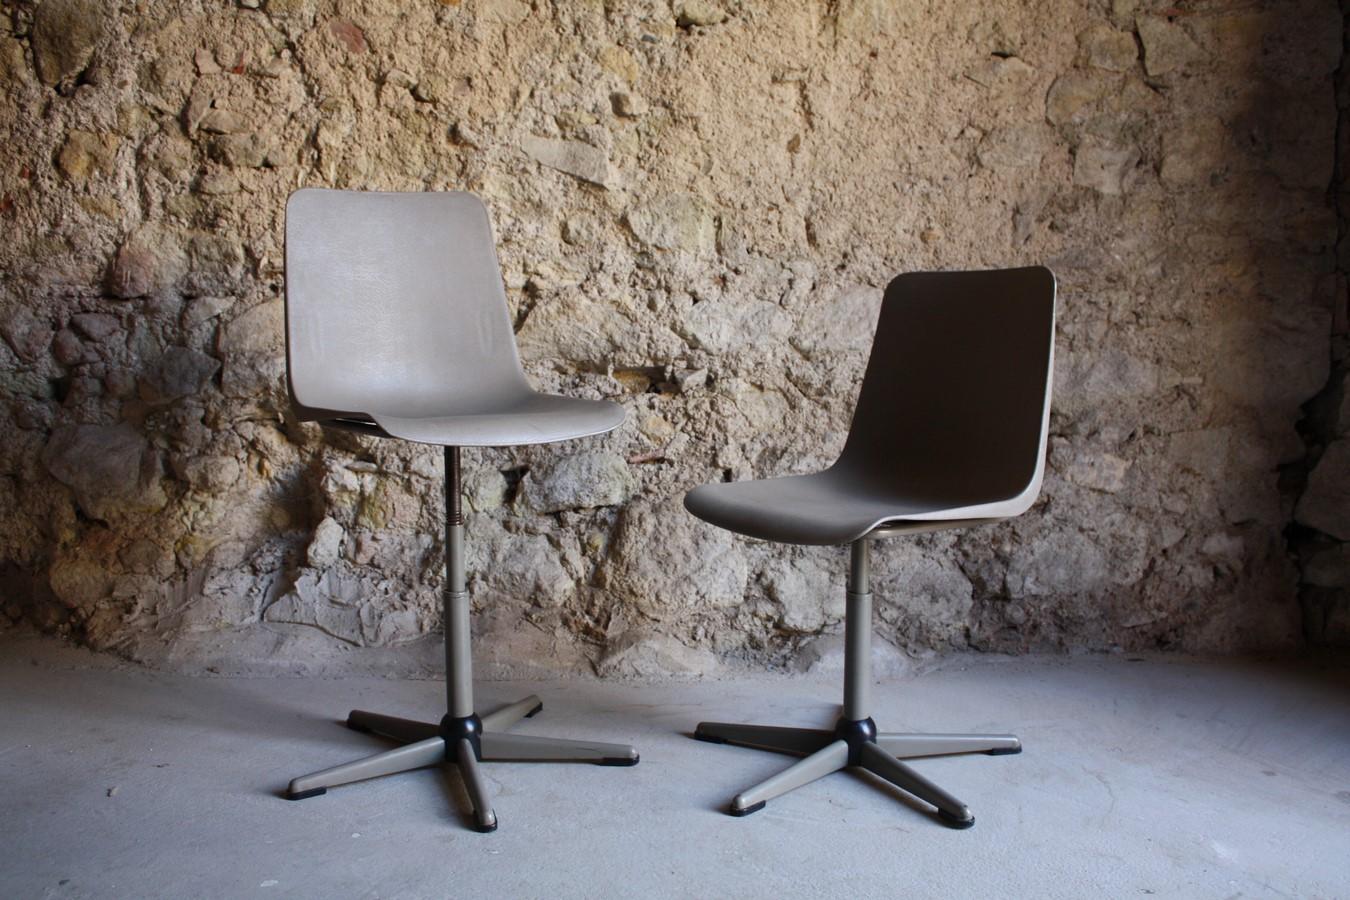 Architekten Designer Stühle Stuhl gebraucht Vintage Antik Loft Plastik Höhe (27) a